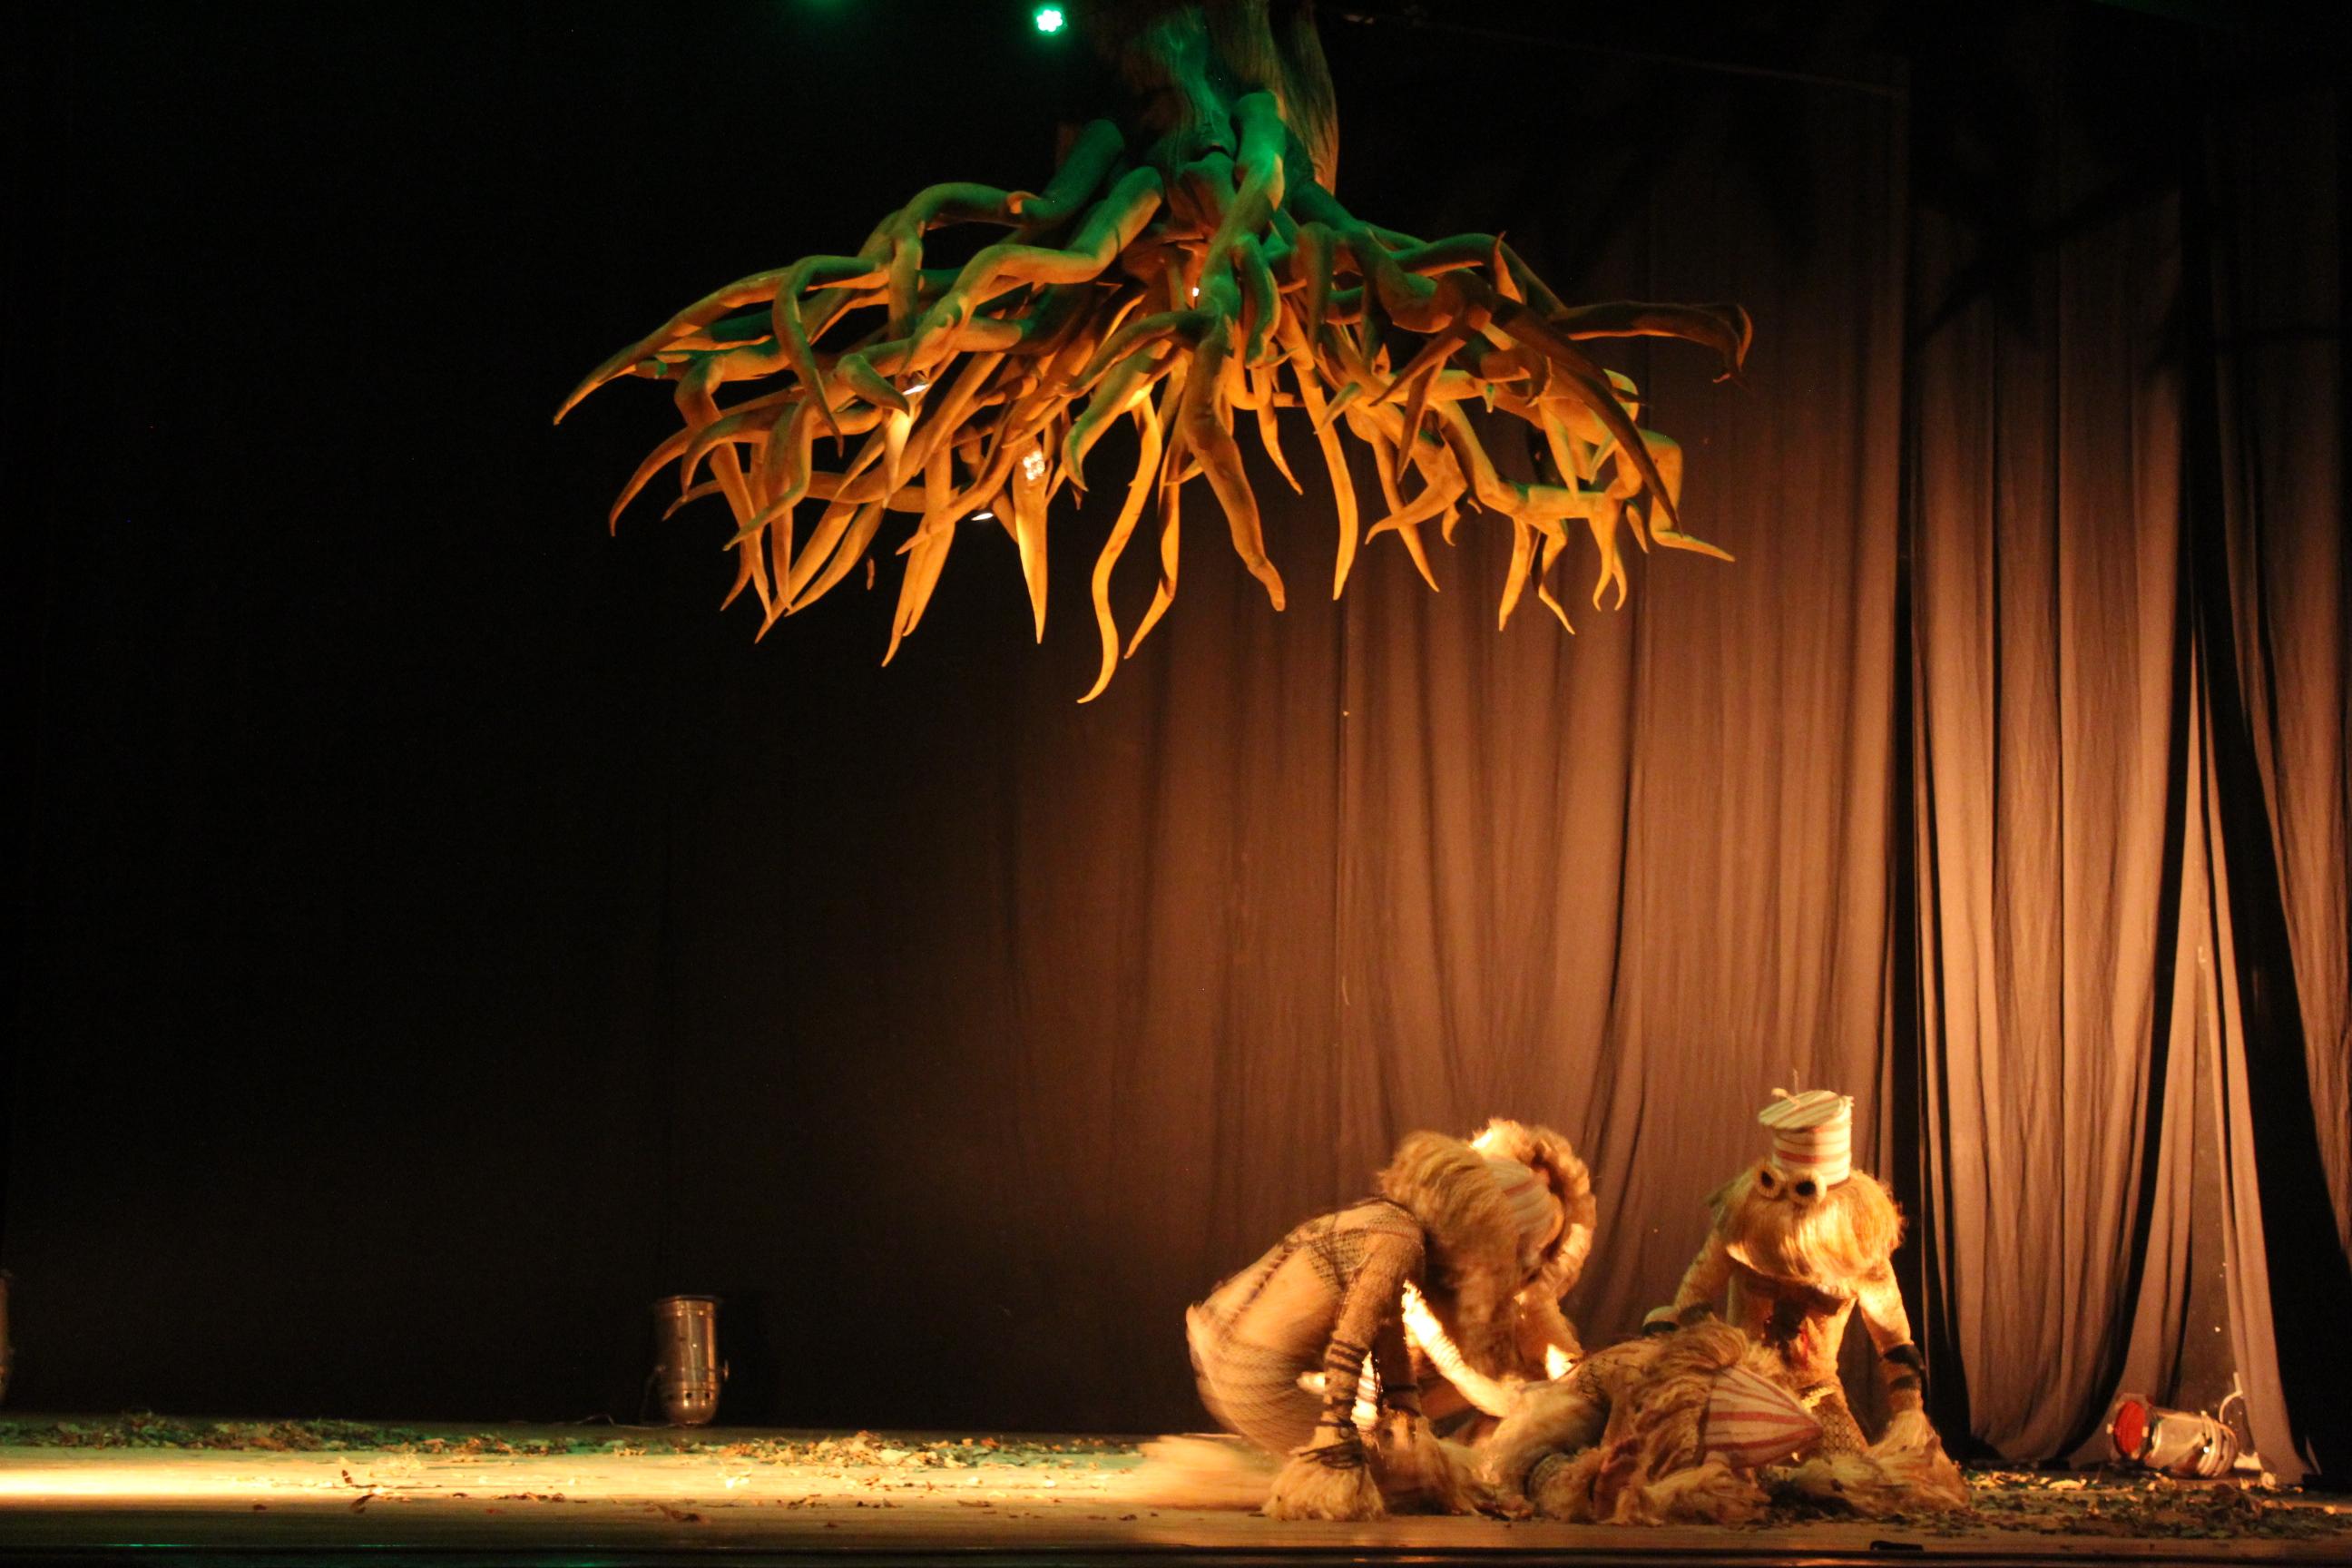 En la danza inicial, los personajes se encuentran en un punto debajo de un árbol